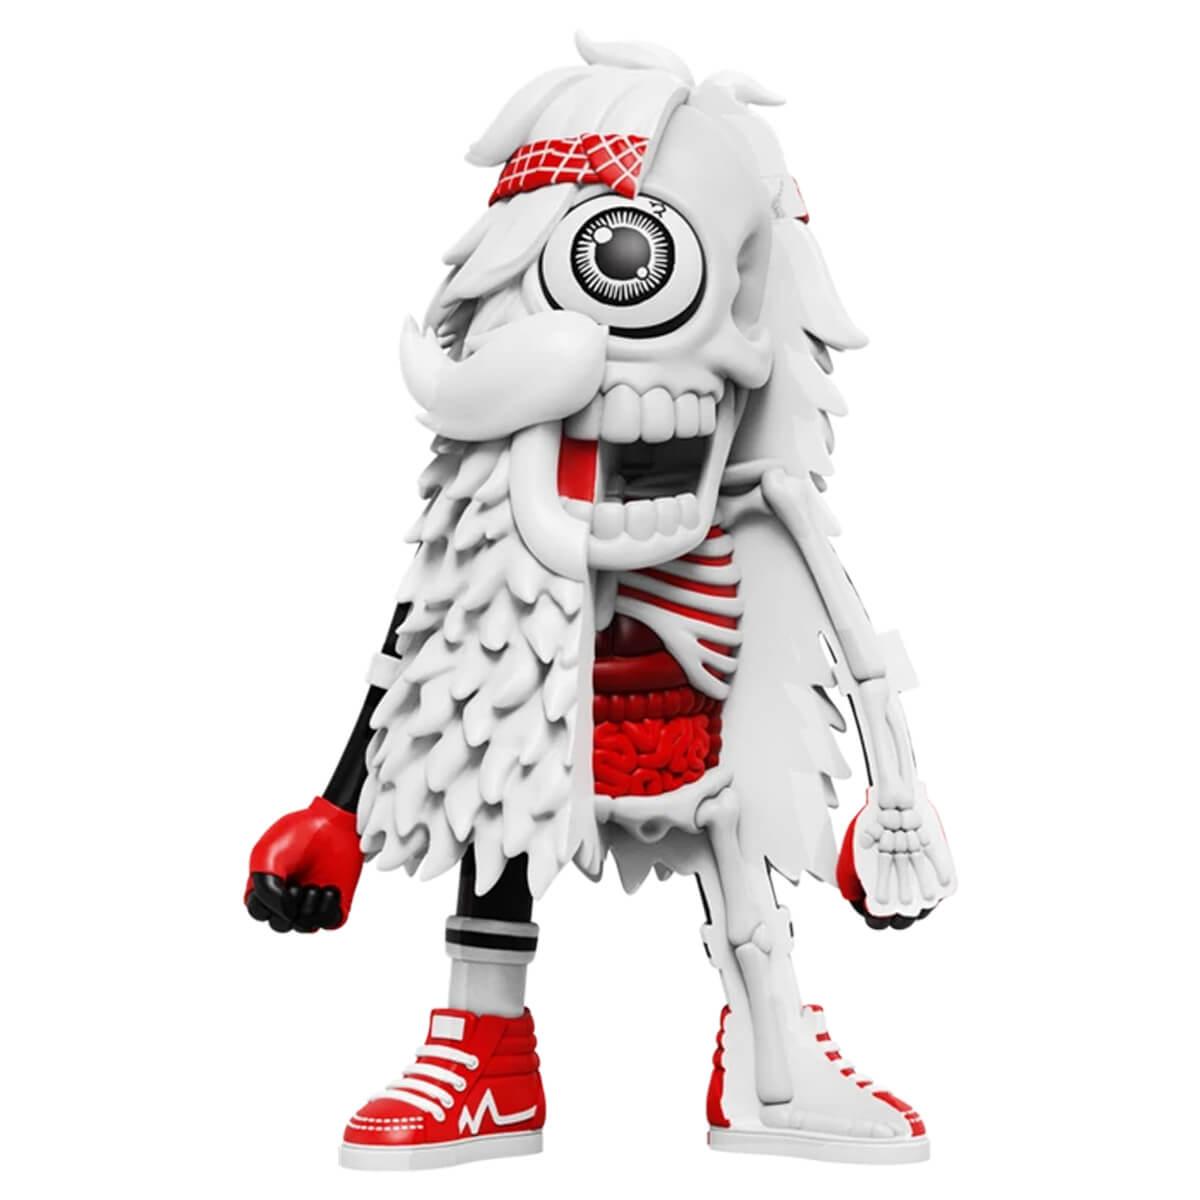 【楽天市場】マイティージャックス MIGHTY JAXX DISSECTED MISTER HELLYEAH (WHITE EDITION) フィギュア 海外限定 国内未発売 デザイナートイ 人形 おもちゃ インテリア WHITE ホワイト:Lafayette (ラファイエット)